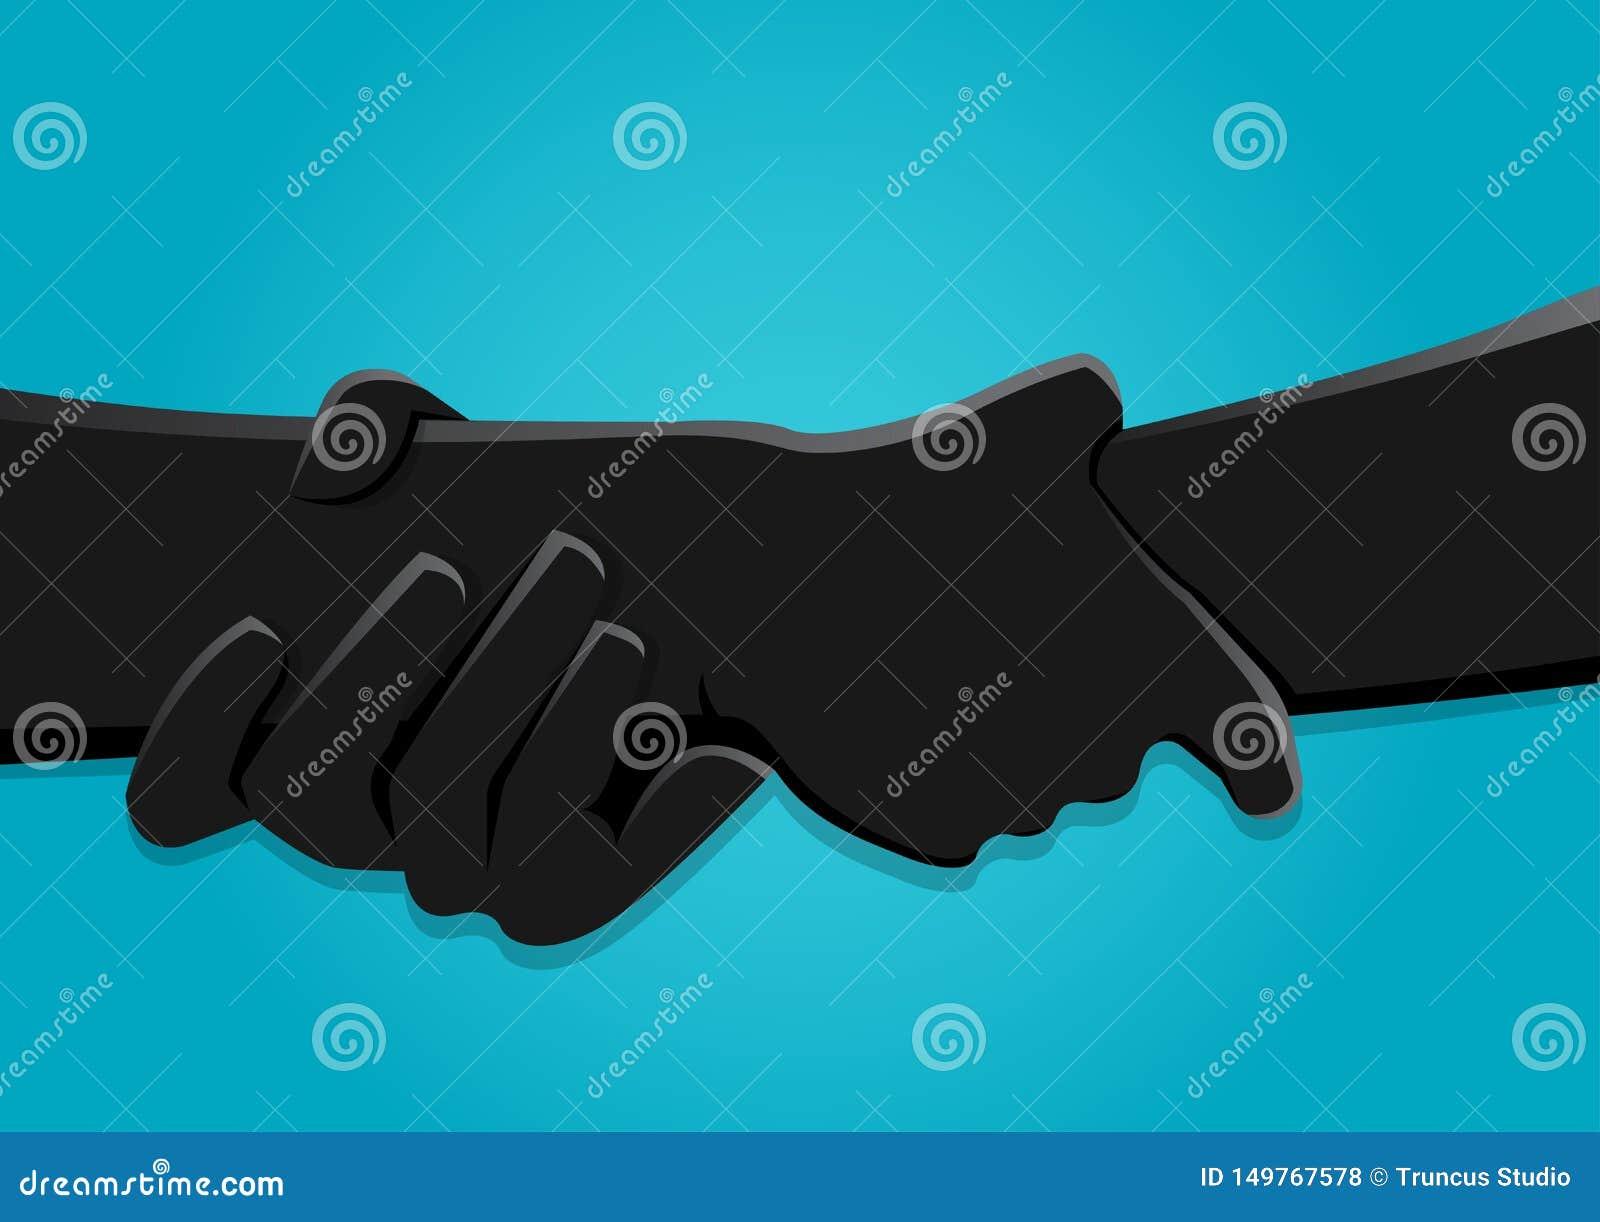 Un illustrazione di riserva di vettore di due mani che si tengono forte